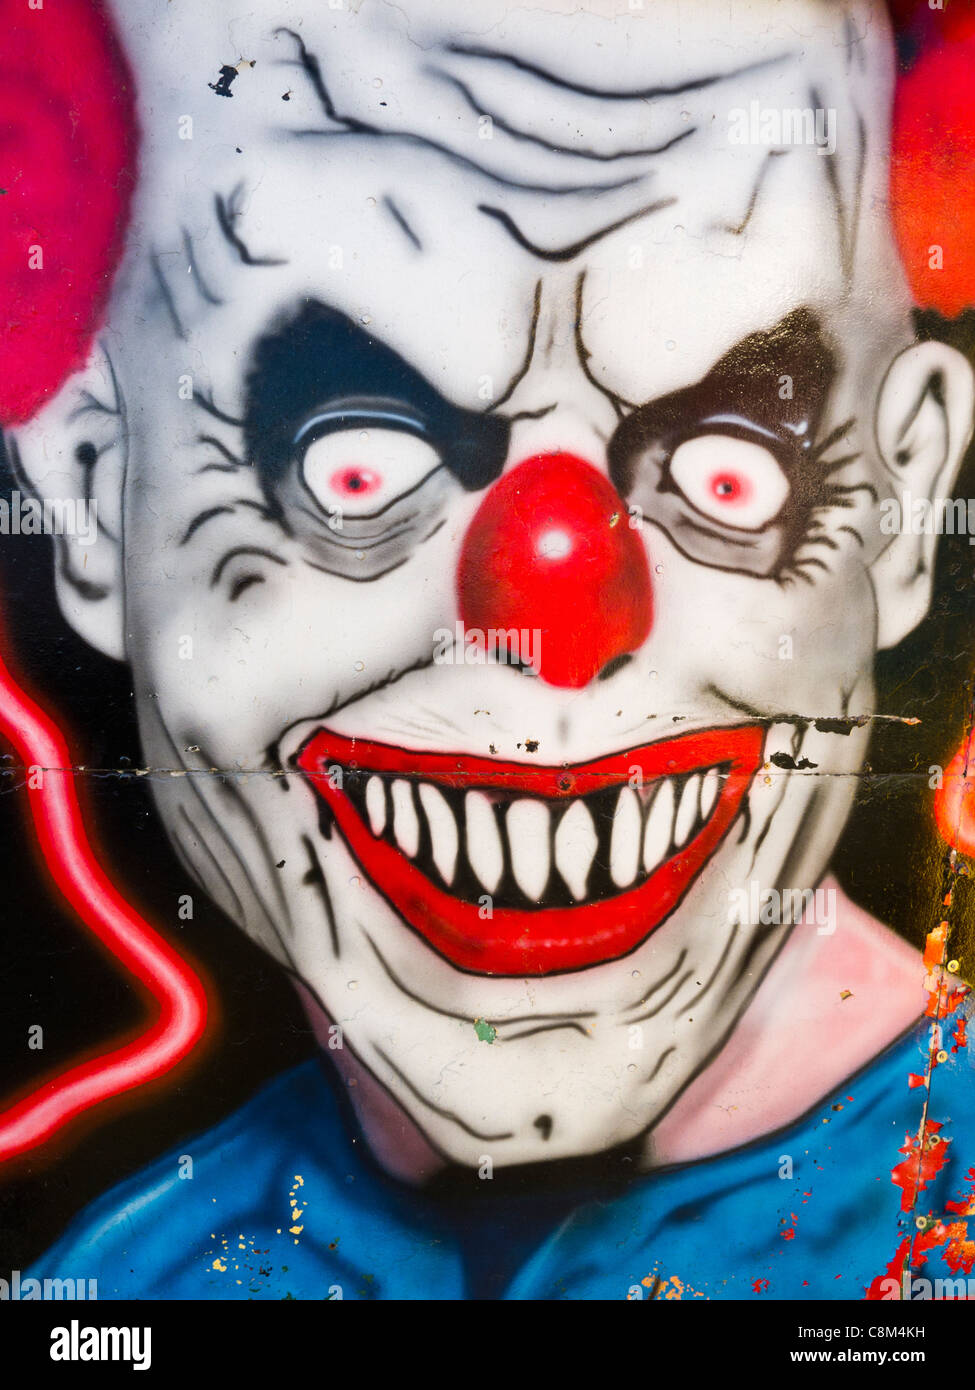 Eine Bose Clowns Gesicht Gemalt Am Gehause Fur Eine Geisterbahn Stockfotografie Alamy